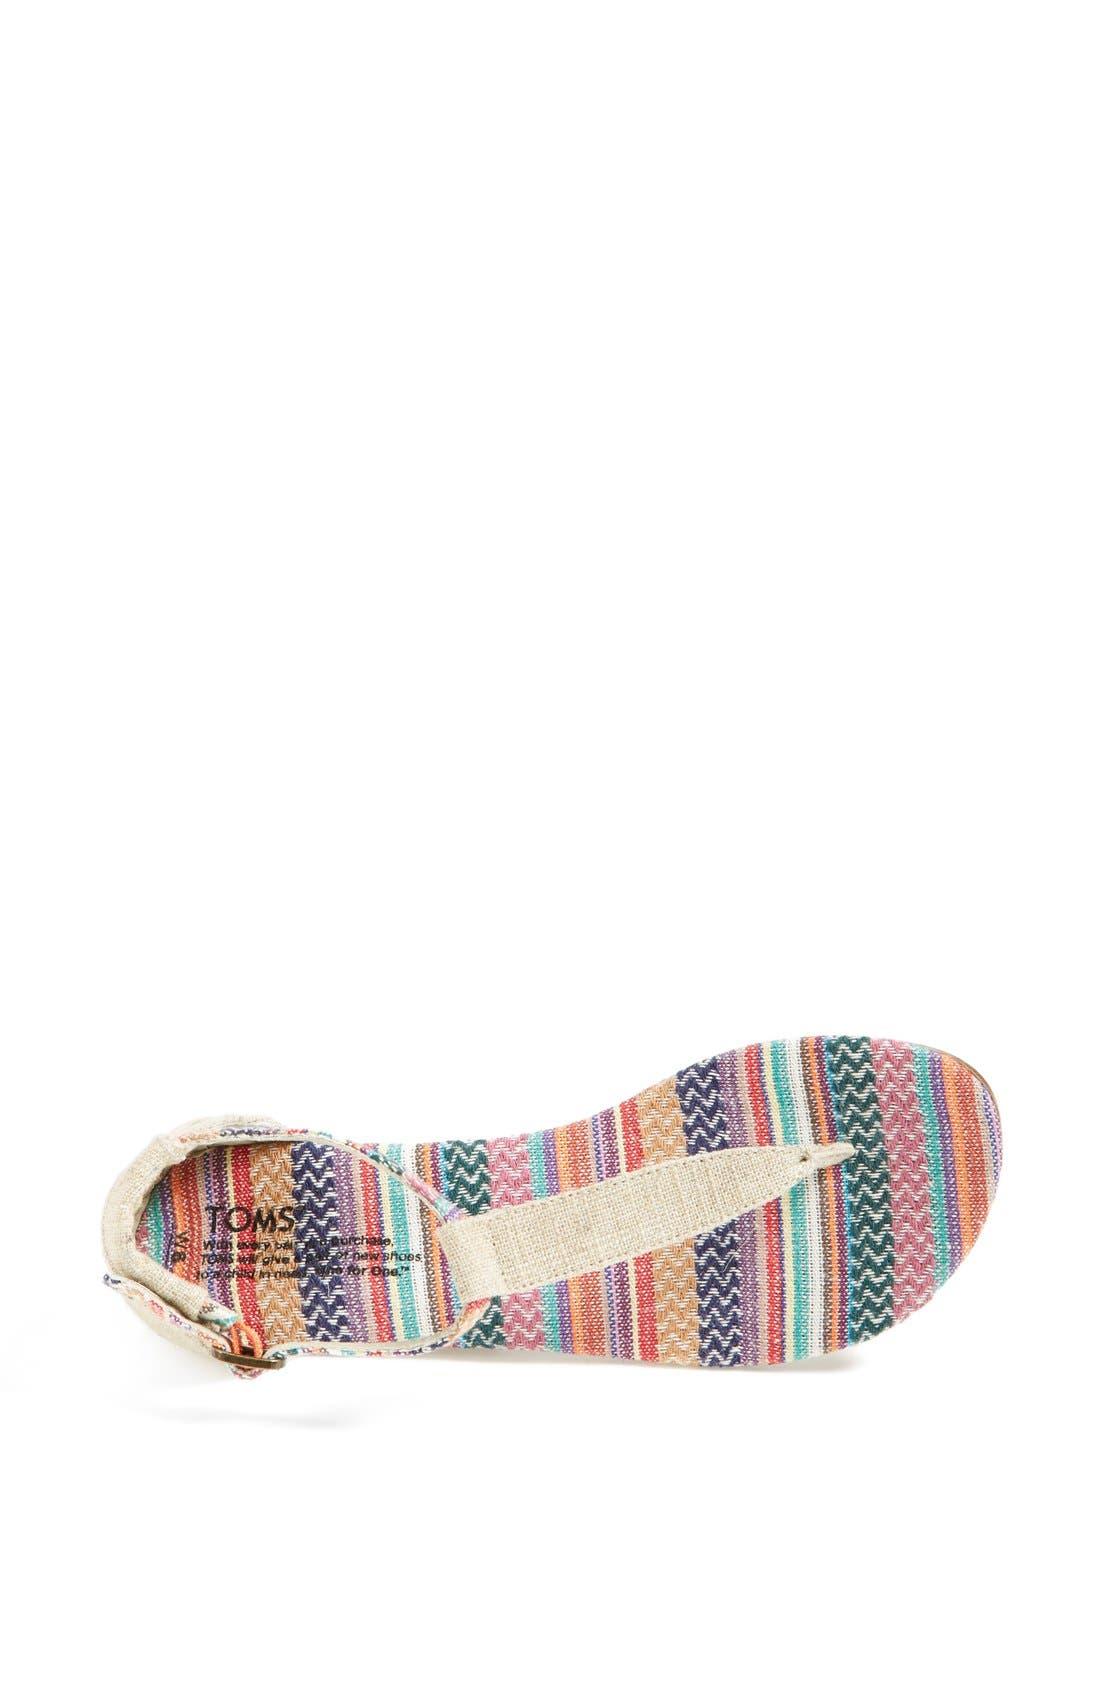 Alternate Image 3  - TOMS 'Playa' Thong Sandal (Women)